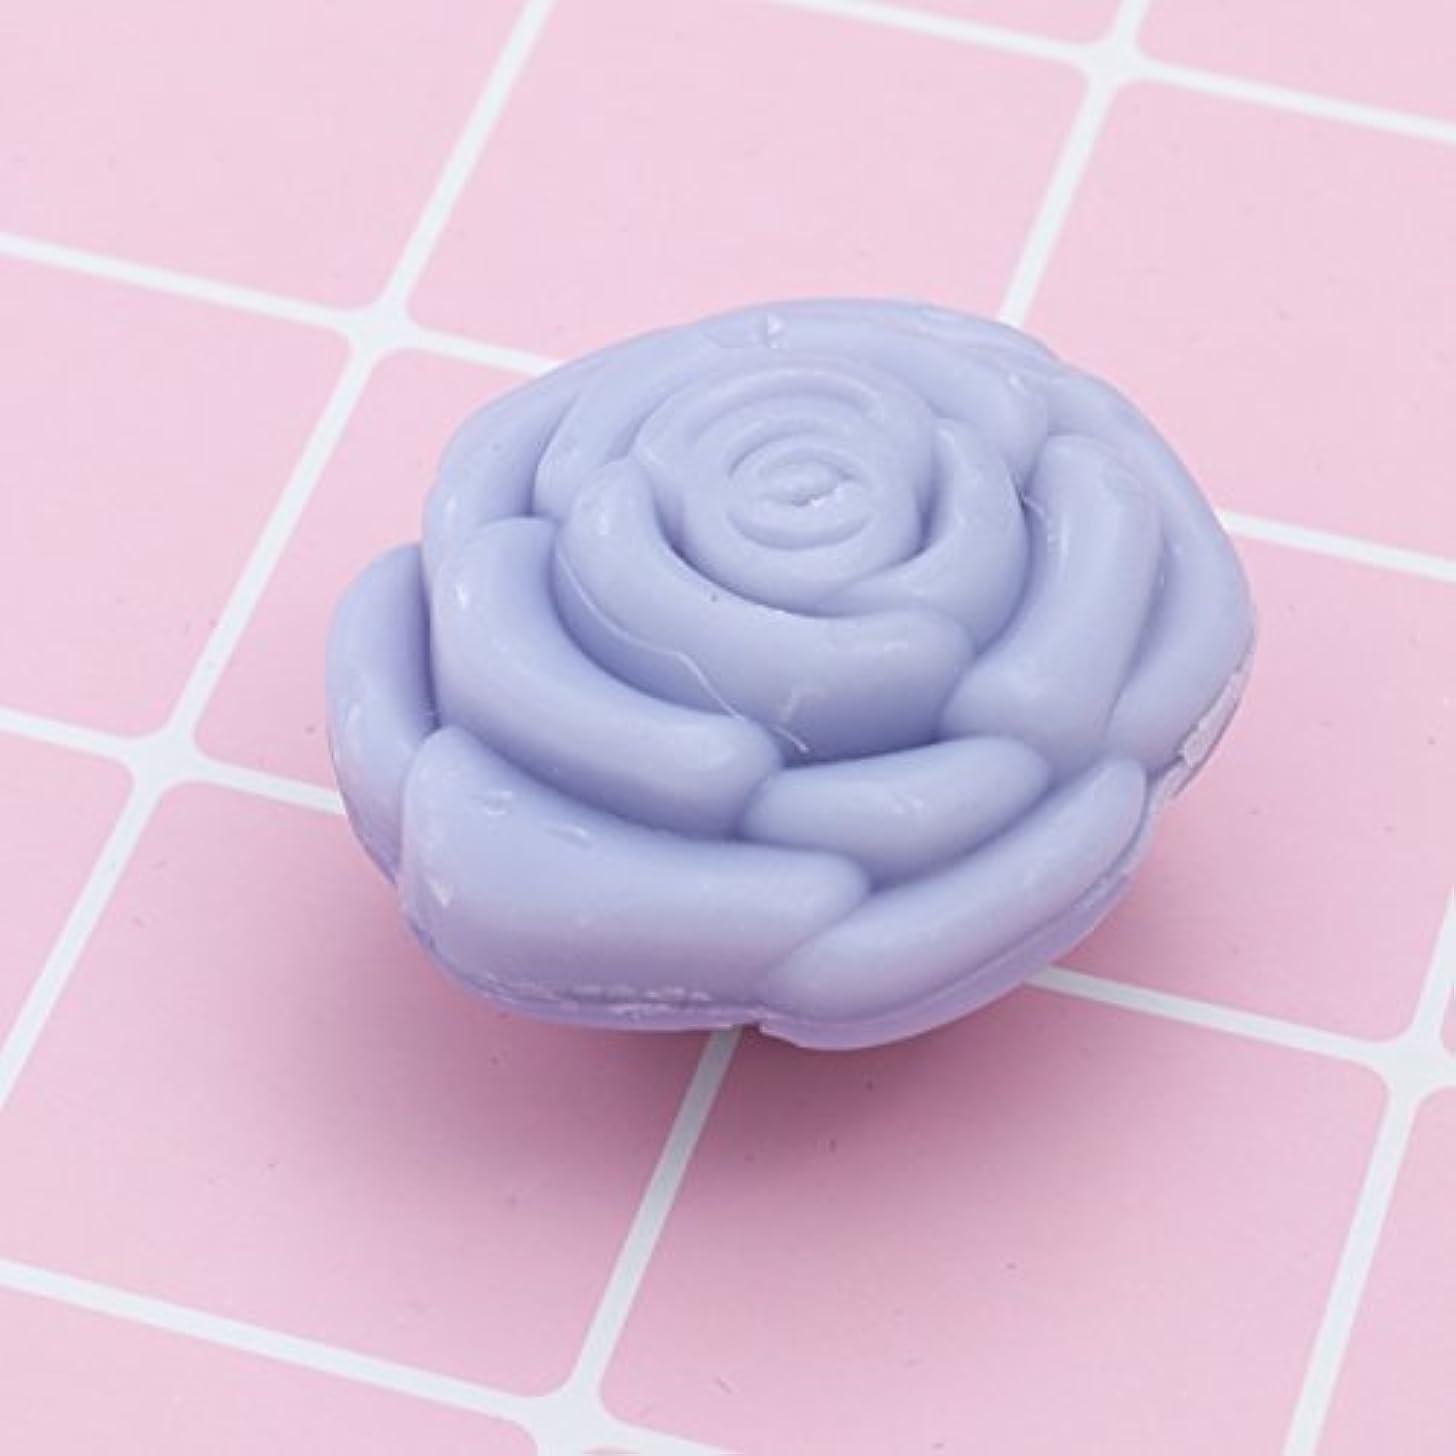 検索エンジンマーケティング縞模様のプラカードAmosfun 手作り石鹸オイルローズフラワーソープアロマエッセンシャルオイルギフト記念日誕生日結婚式バレンタインデー(紫)20ピース